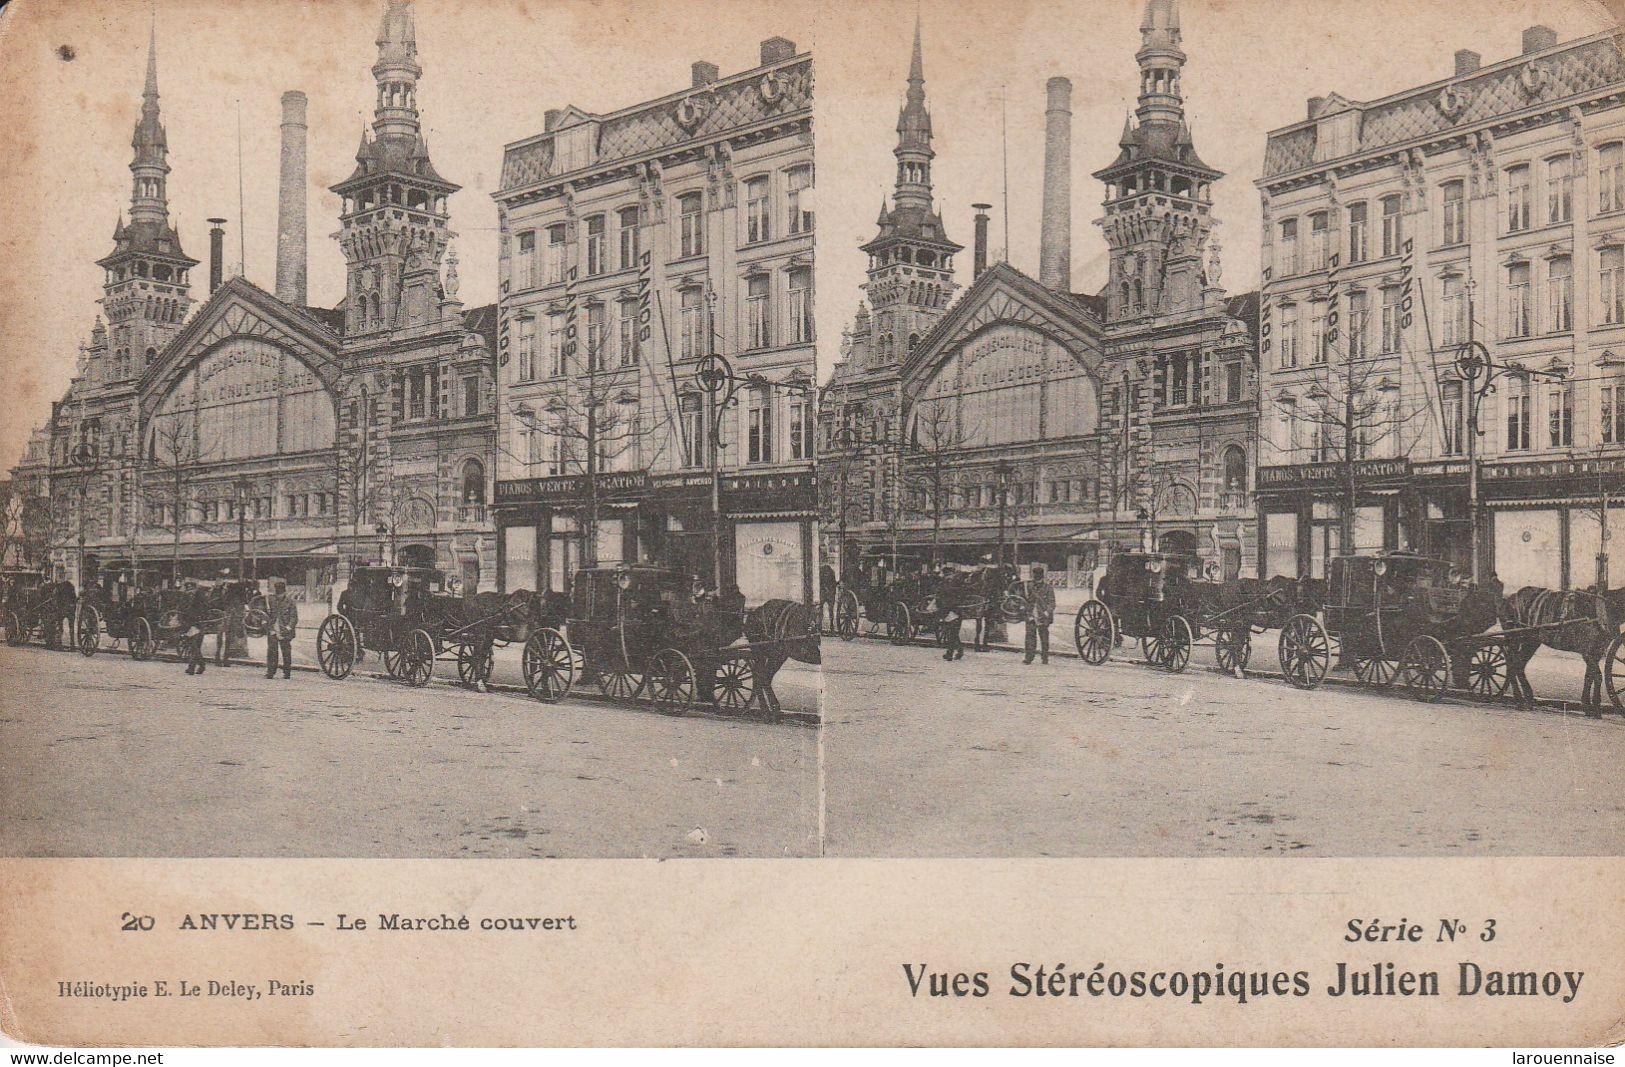 Belgique - ANVERS - Le Marché Couvert - Vues Stéréoscopiques Julien Damoy - Cartoline Stereoscopiche